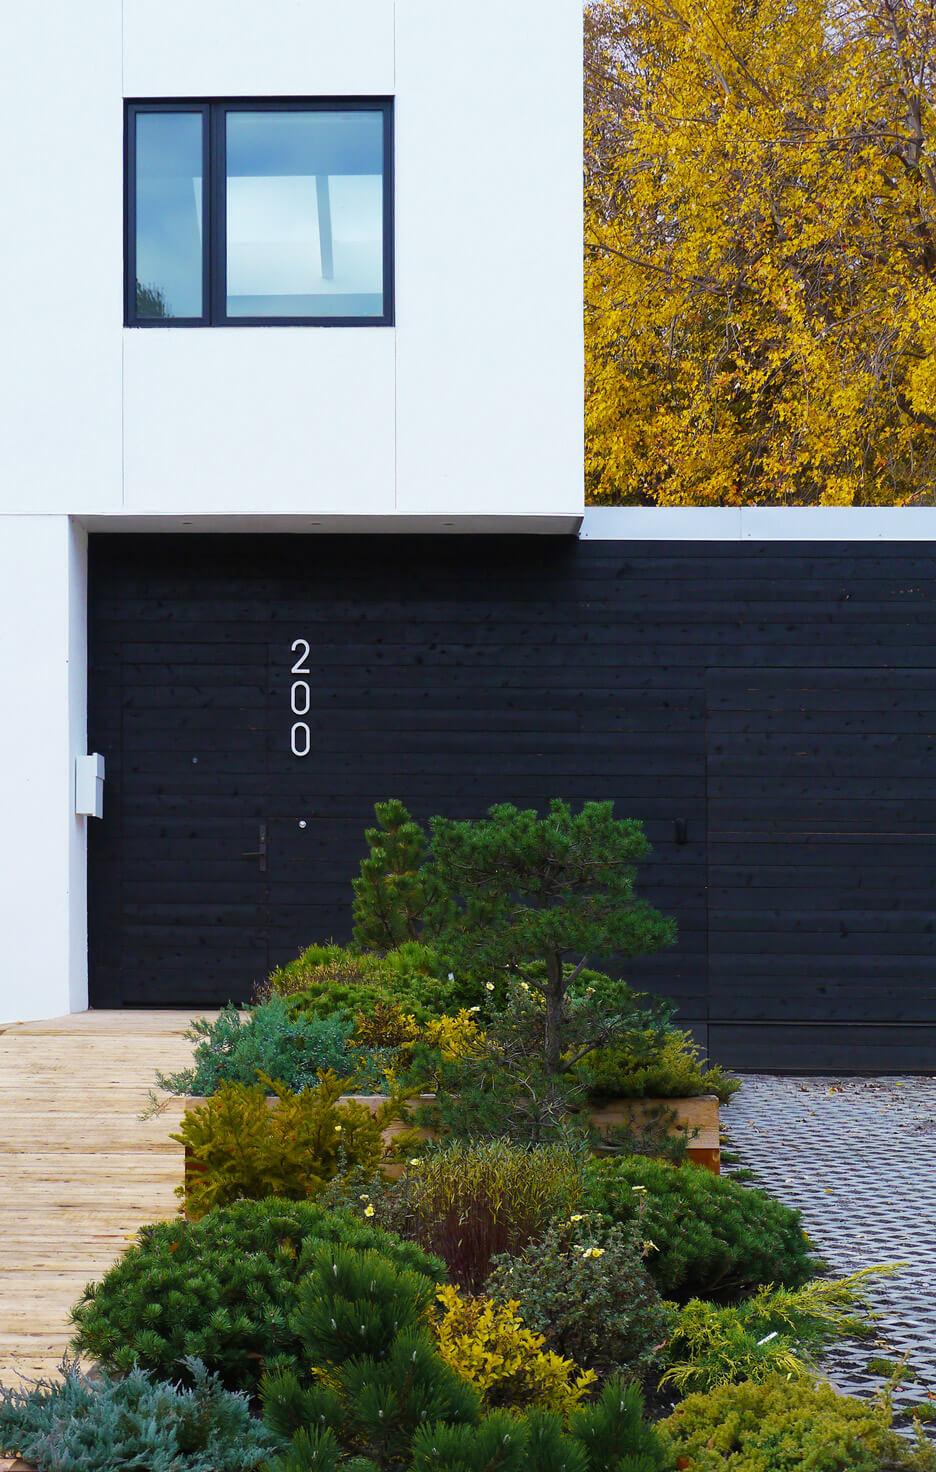 خانه مدرن با عایق بندی کاه و سازگار با محیط زیست در انتاریو + تصاویر